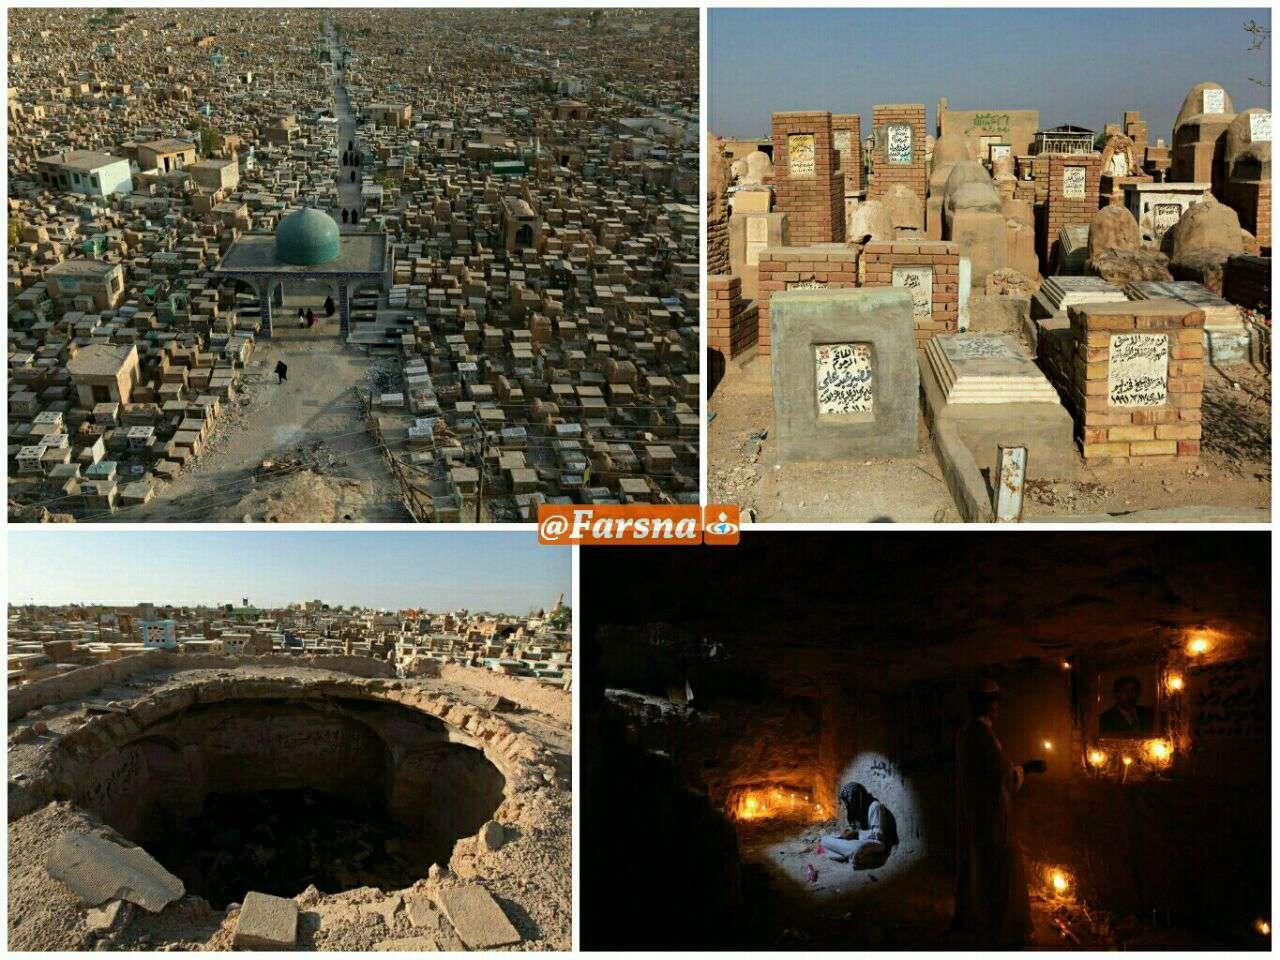 تصاویر رویترز از «وادیالسلام»، بزرگترین قبرستان جهان در عراق